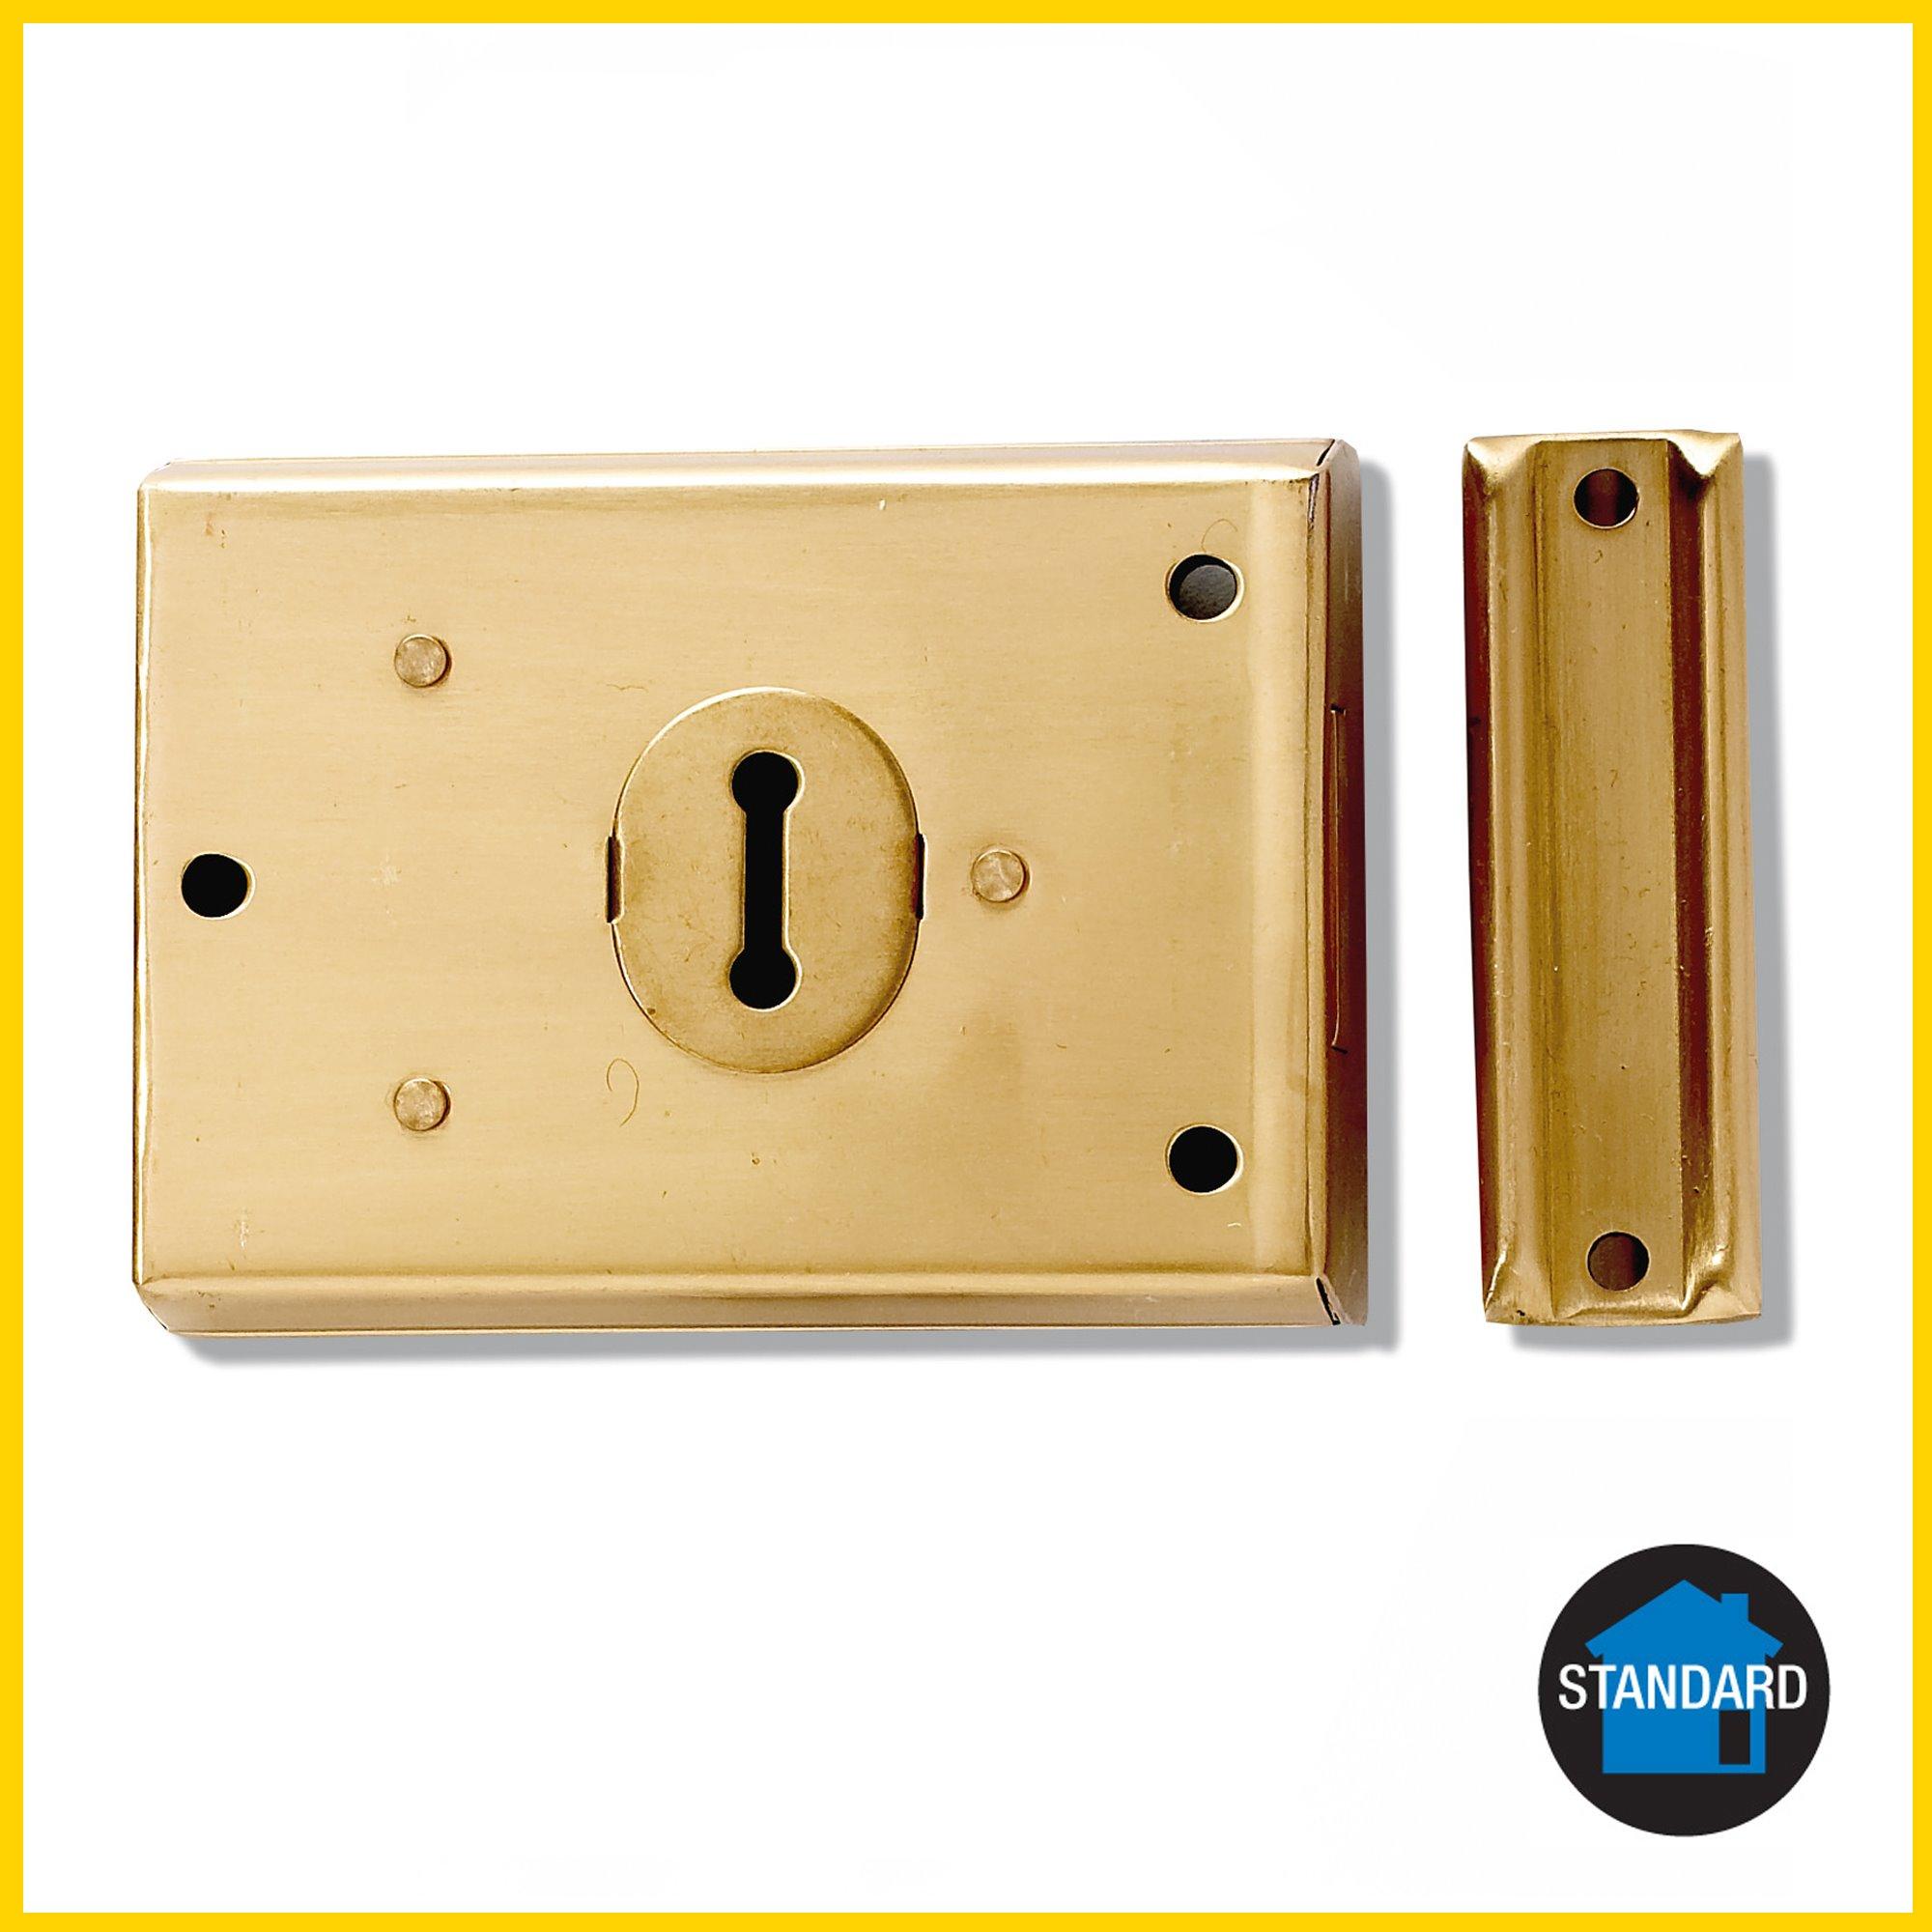 P402 - Rim Lock